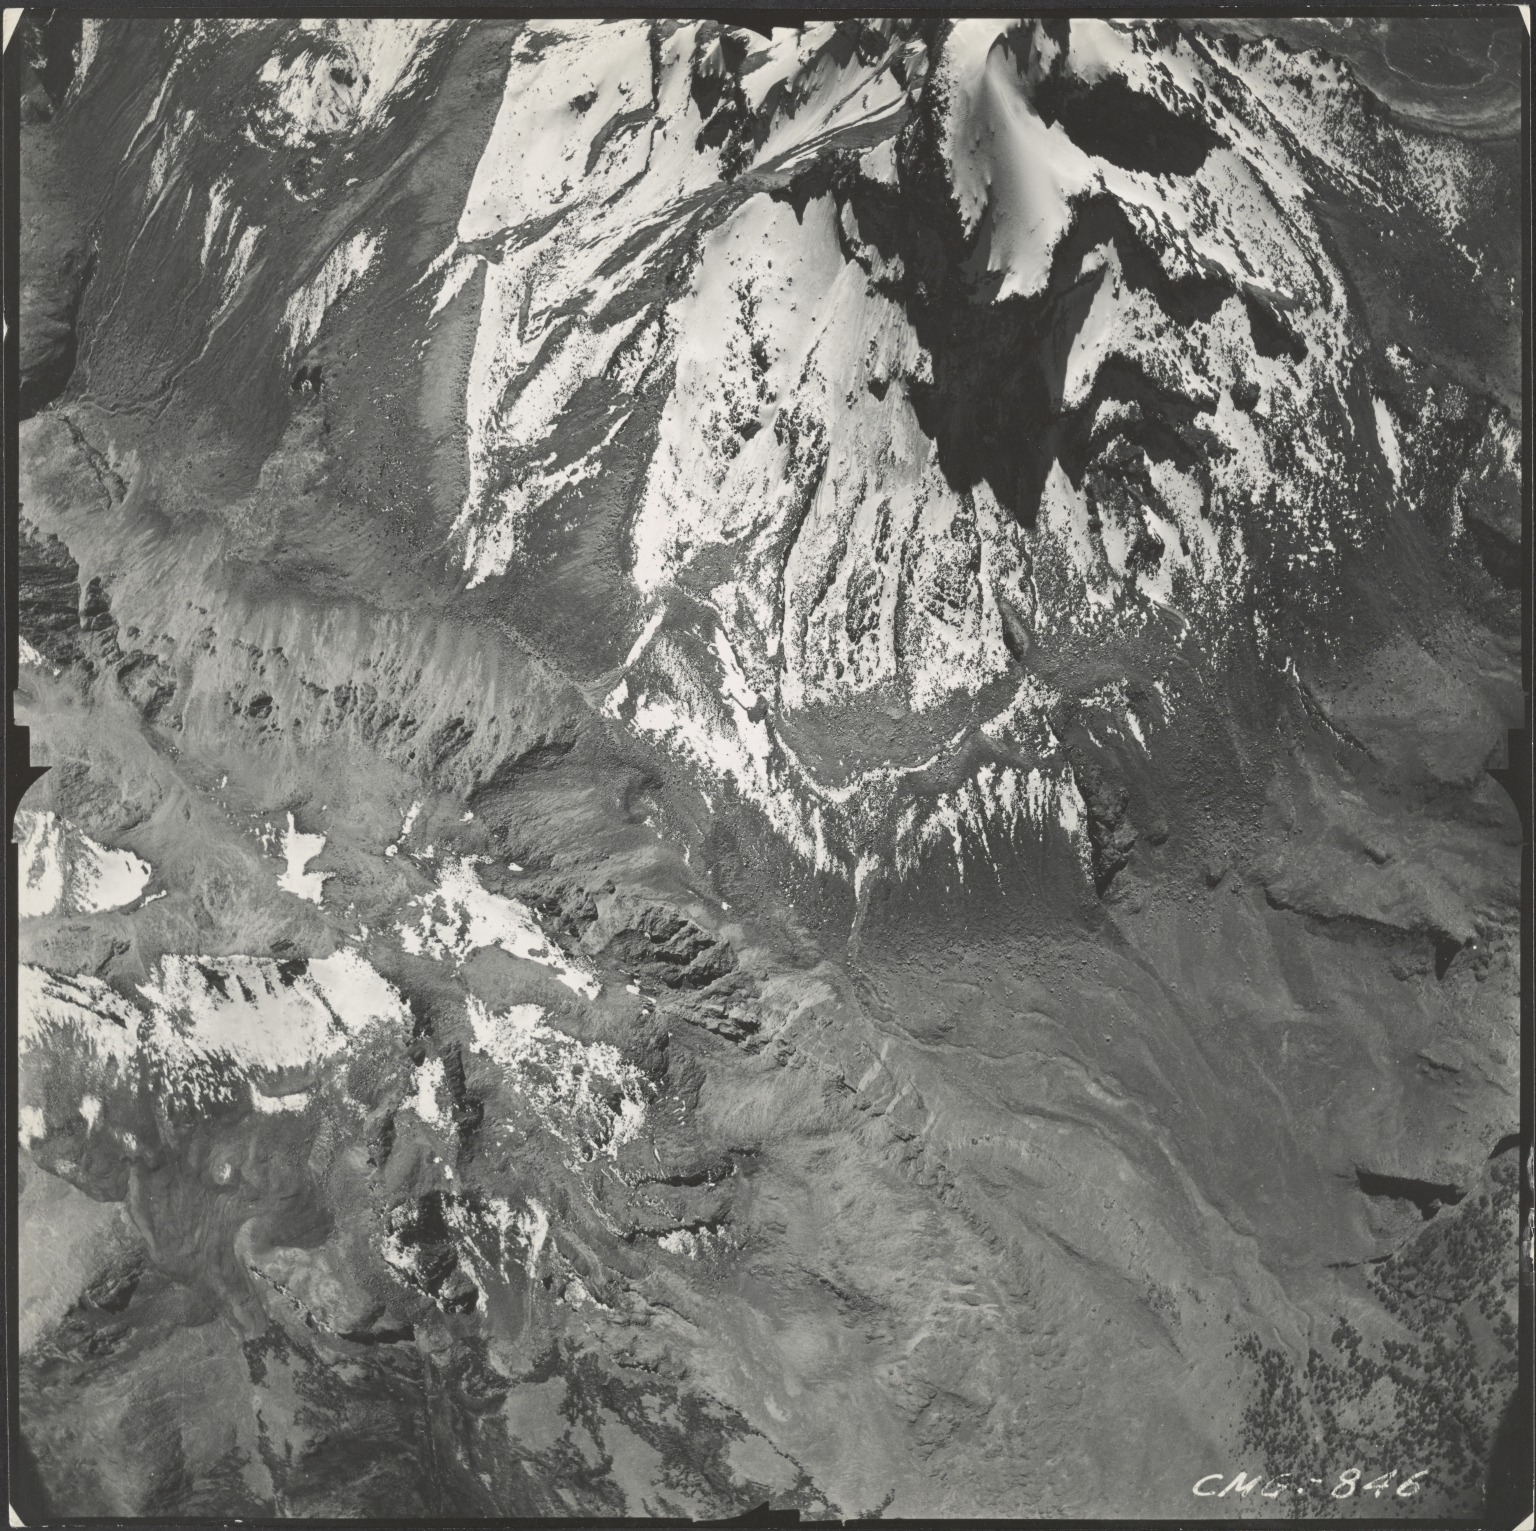 Iztaccihuatl Glacier, Mexico